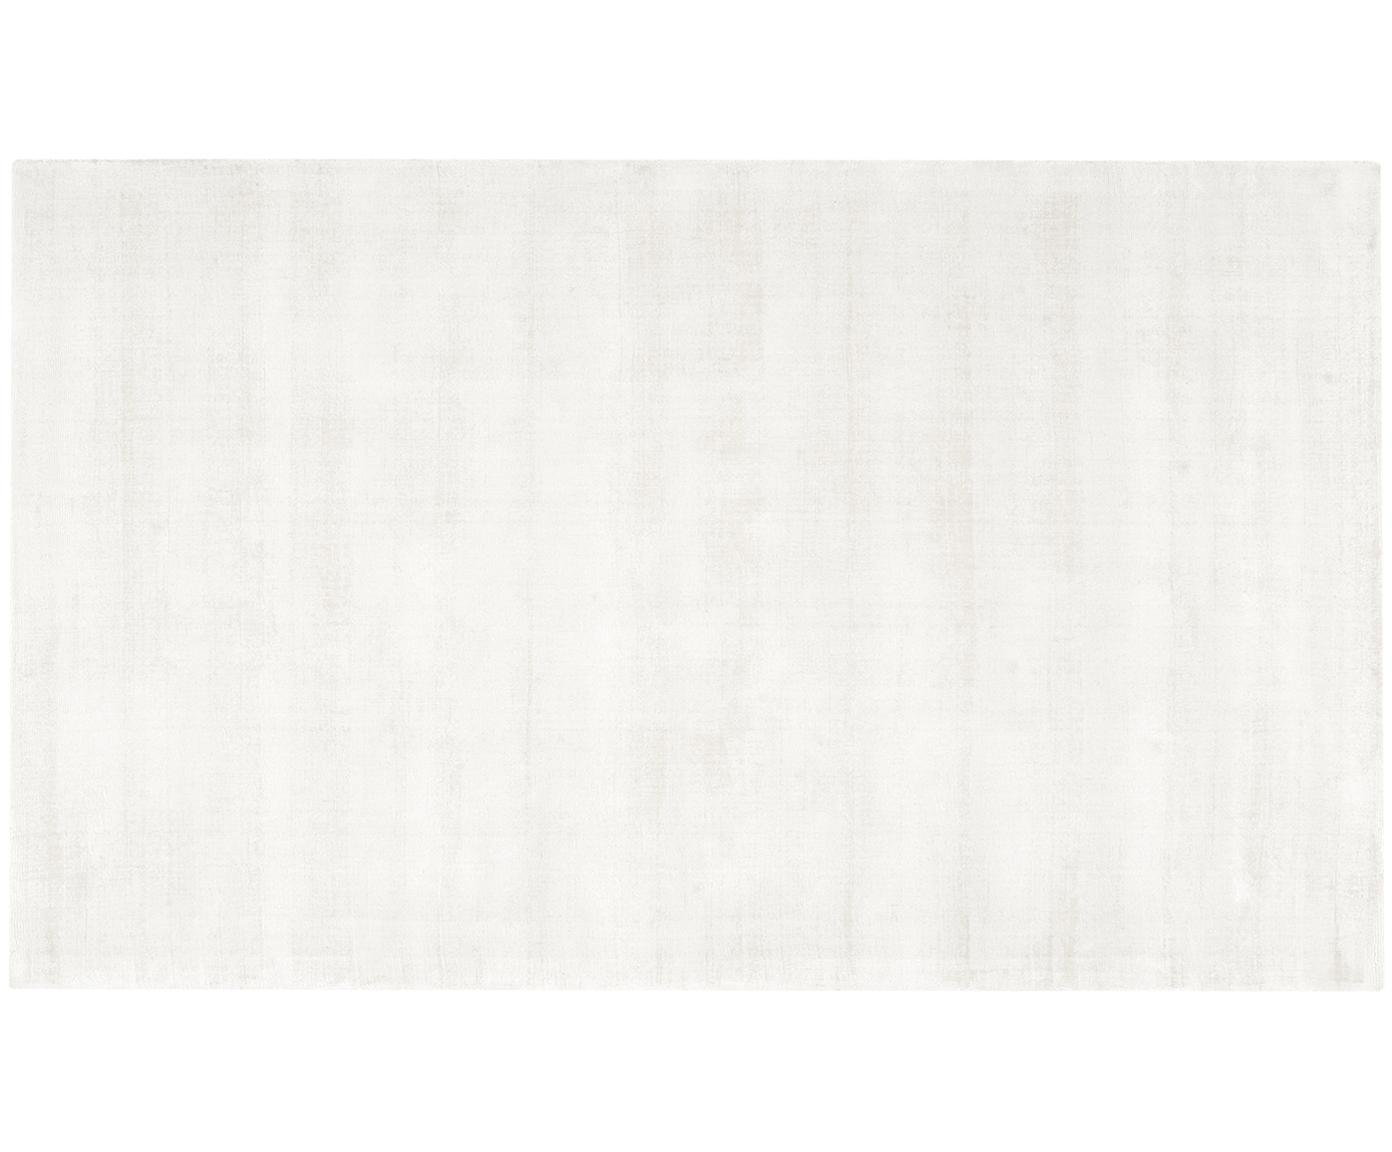 Handgeweven viscose vloerkleed Jane, Bovenzijde: 100% viscose, Onderzijde: 100% katoen, Ivoorkleurig, 90 x 150 cm